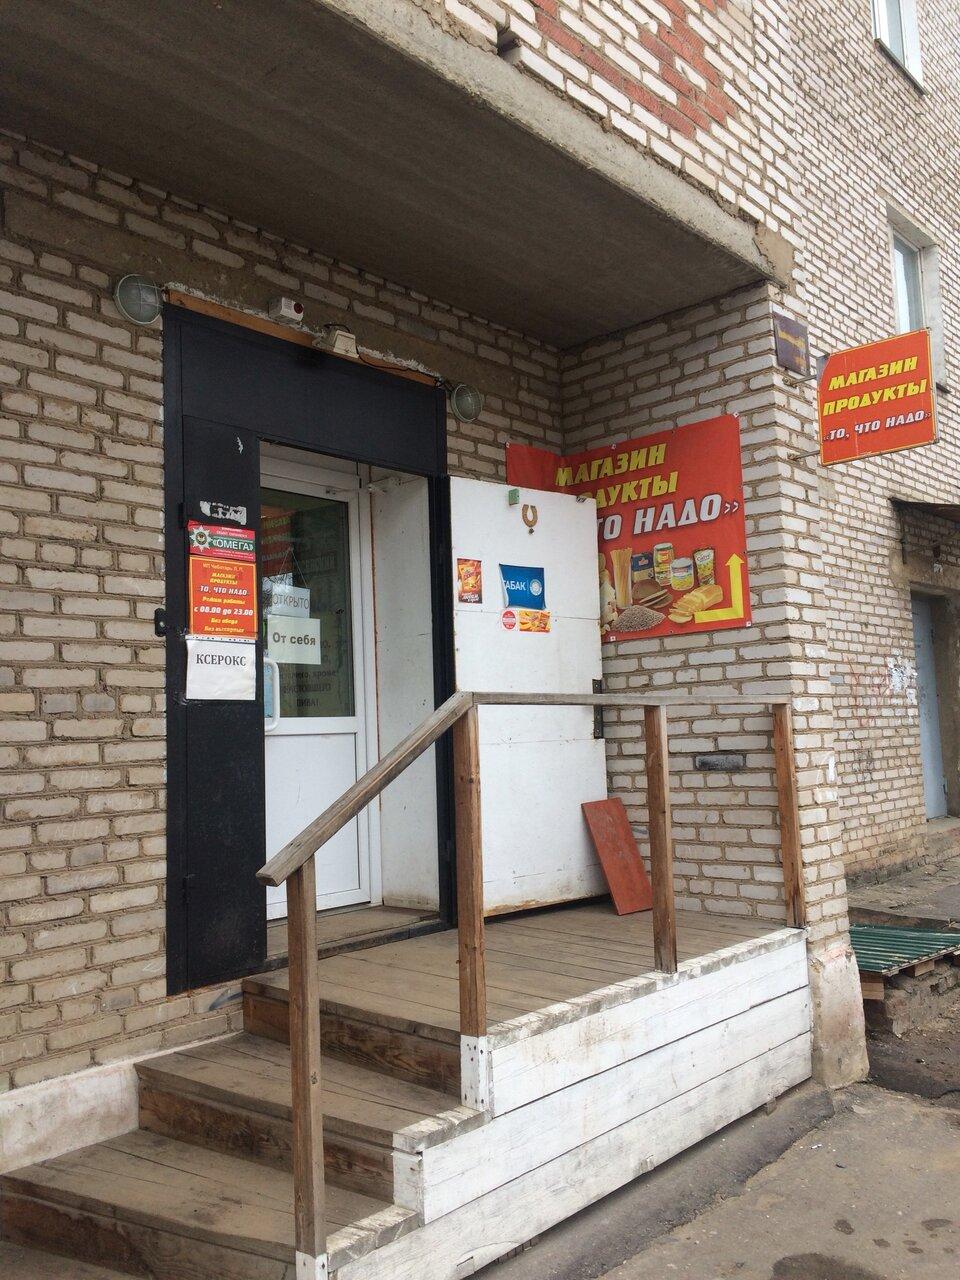 Сергиев Посад Рядом Магазин